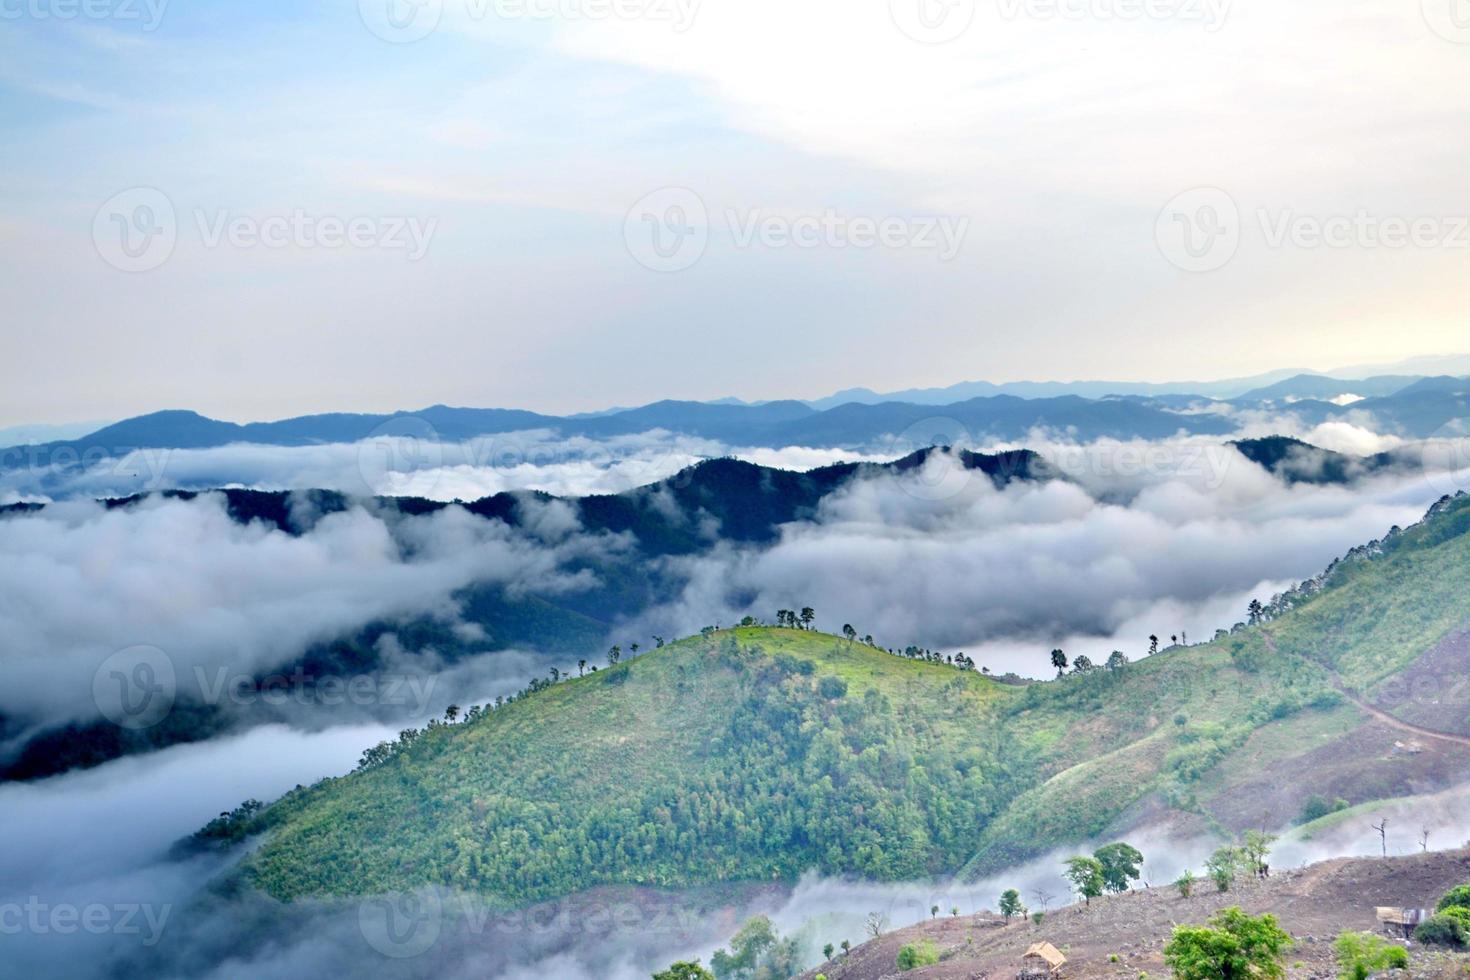 moln rullar över den vulkaniska bergstoppen under en regntid foto